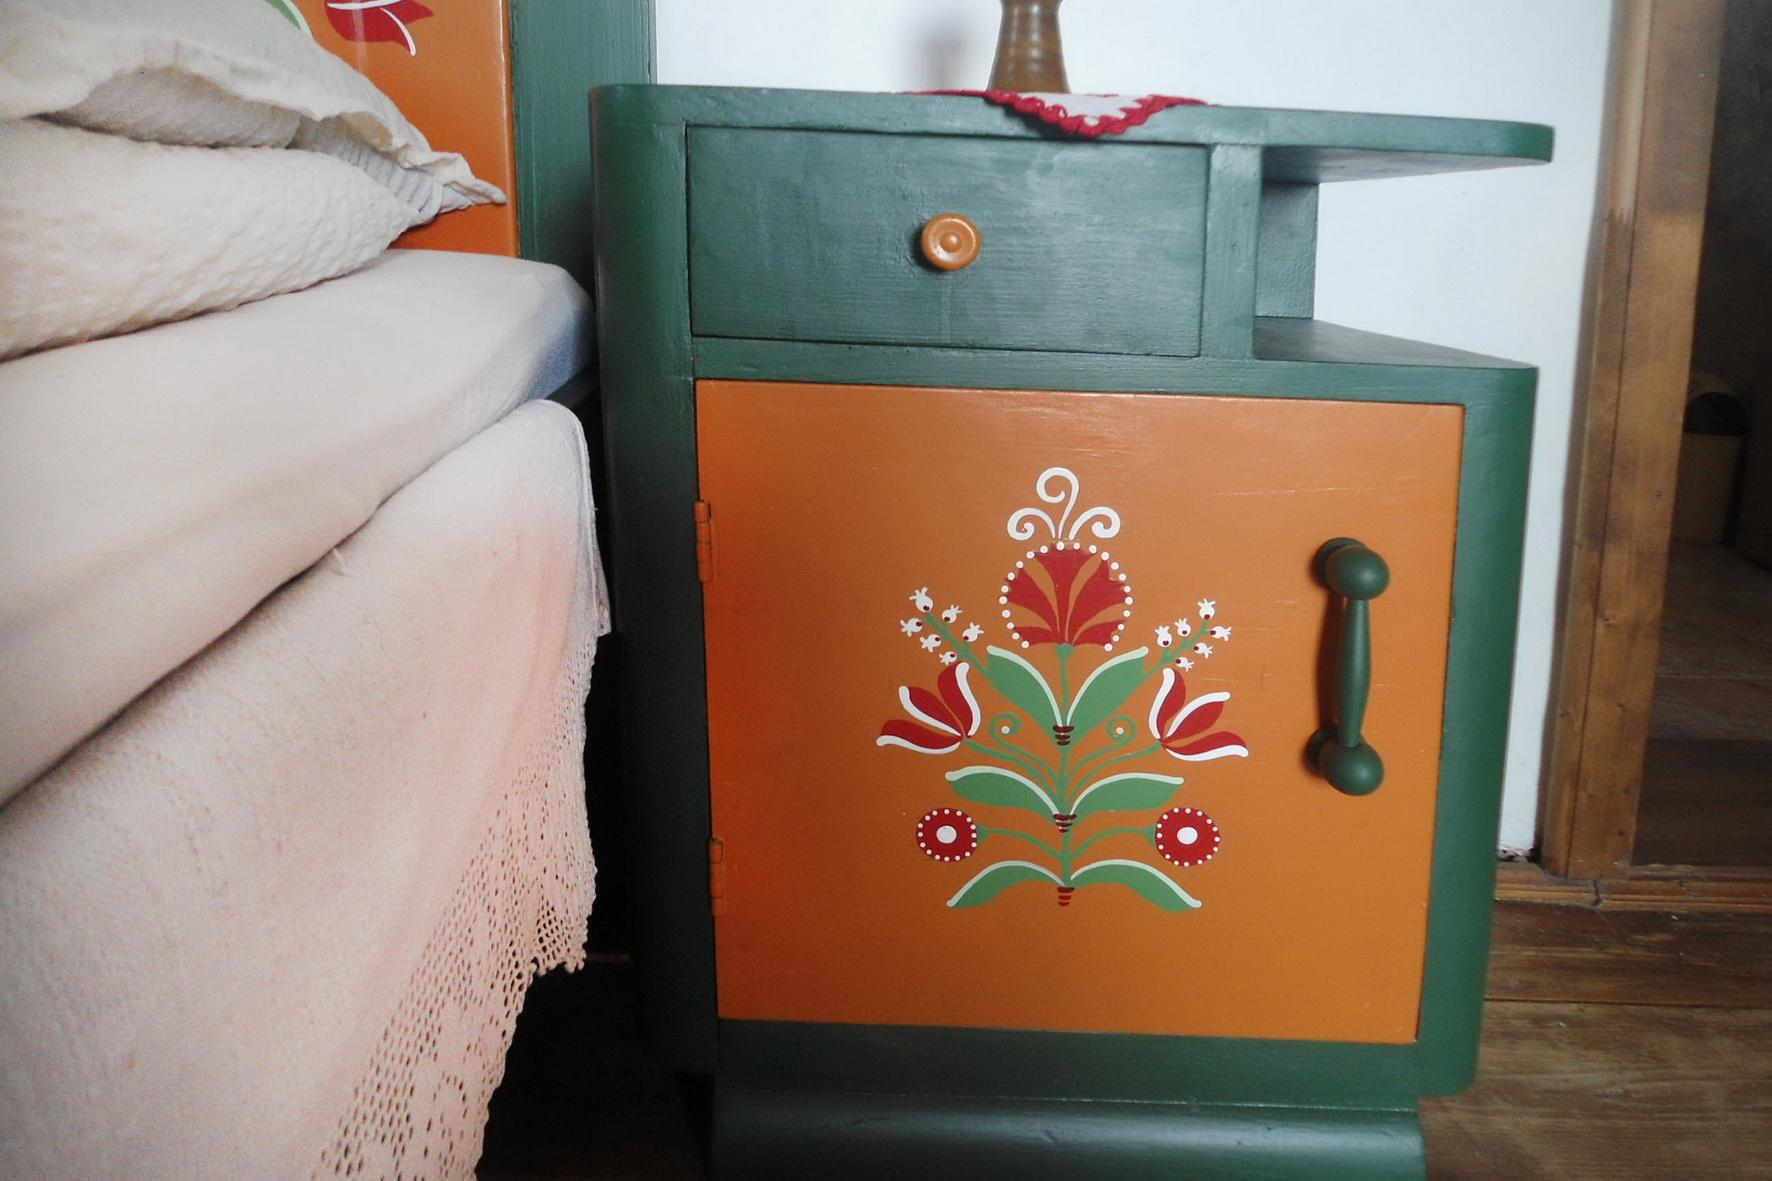 szallas-szekelyfoldon-festett-butoros-szoba